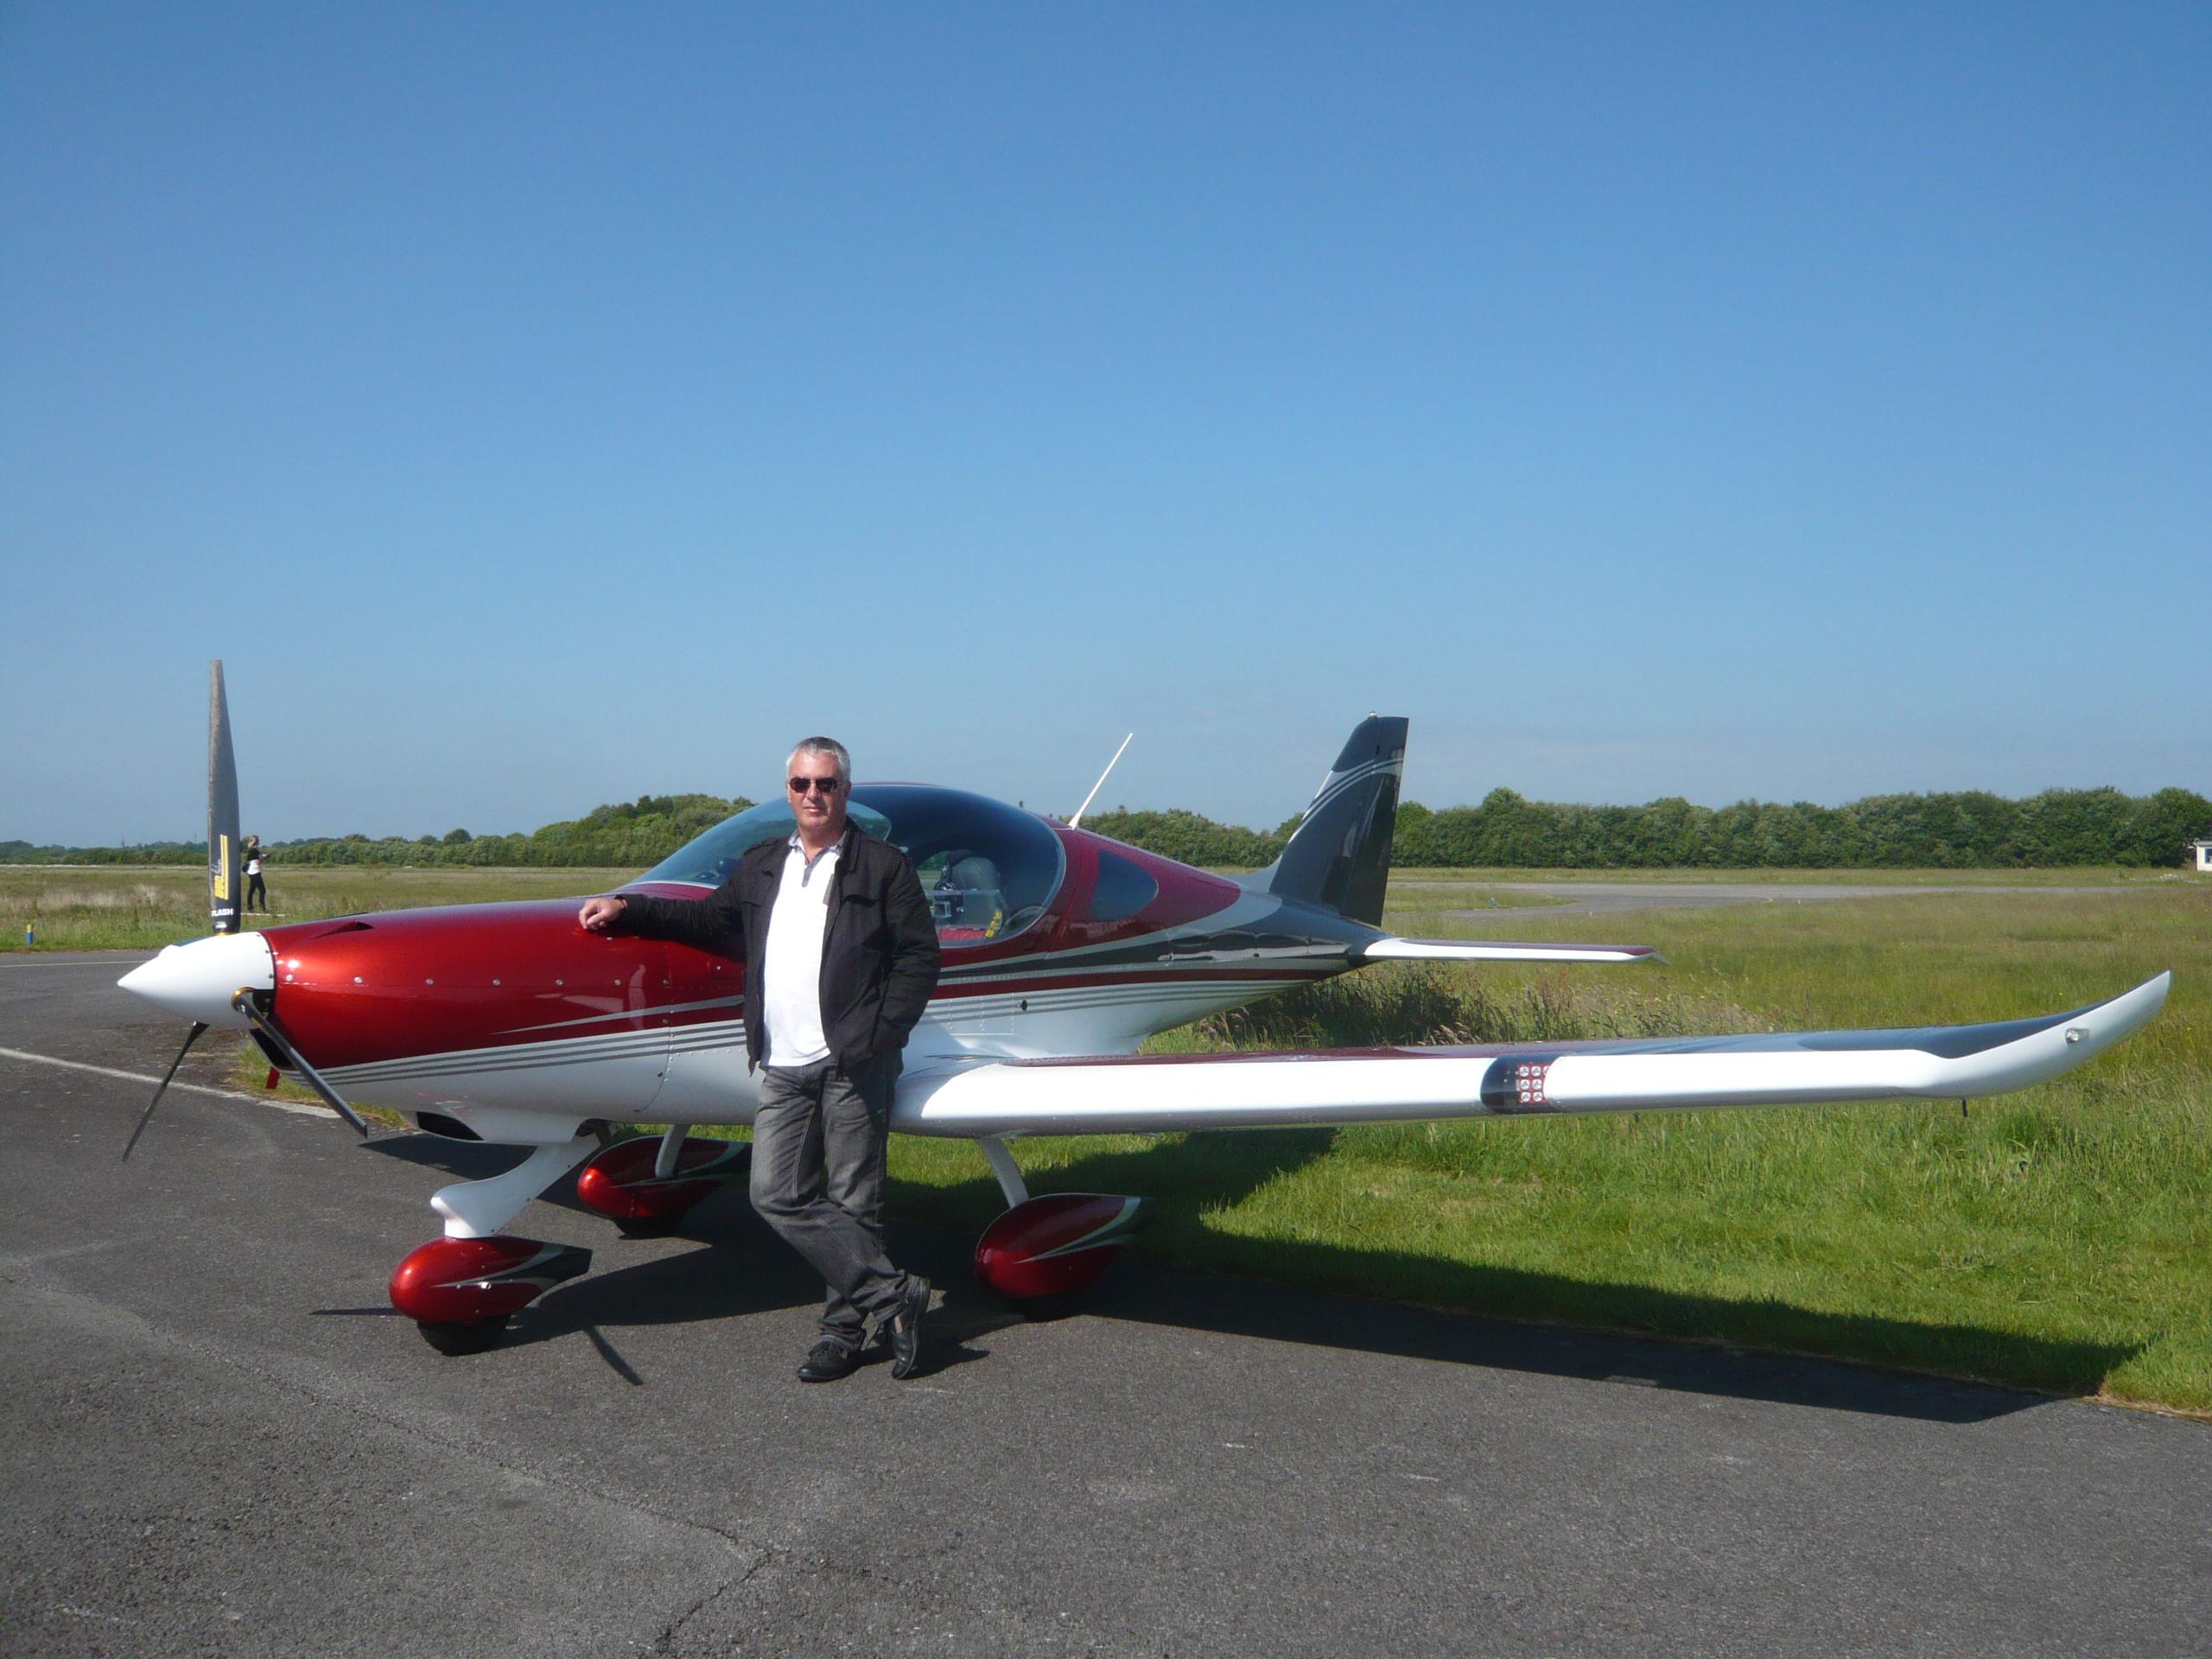 Aérodrome de la Baule, Nos Pilotes, Cote d'amour, Avion